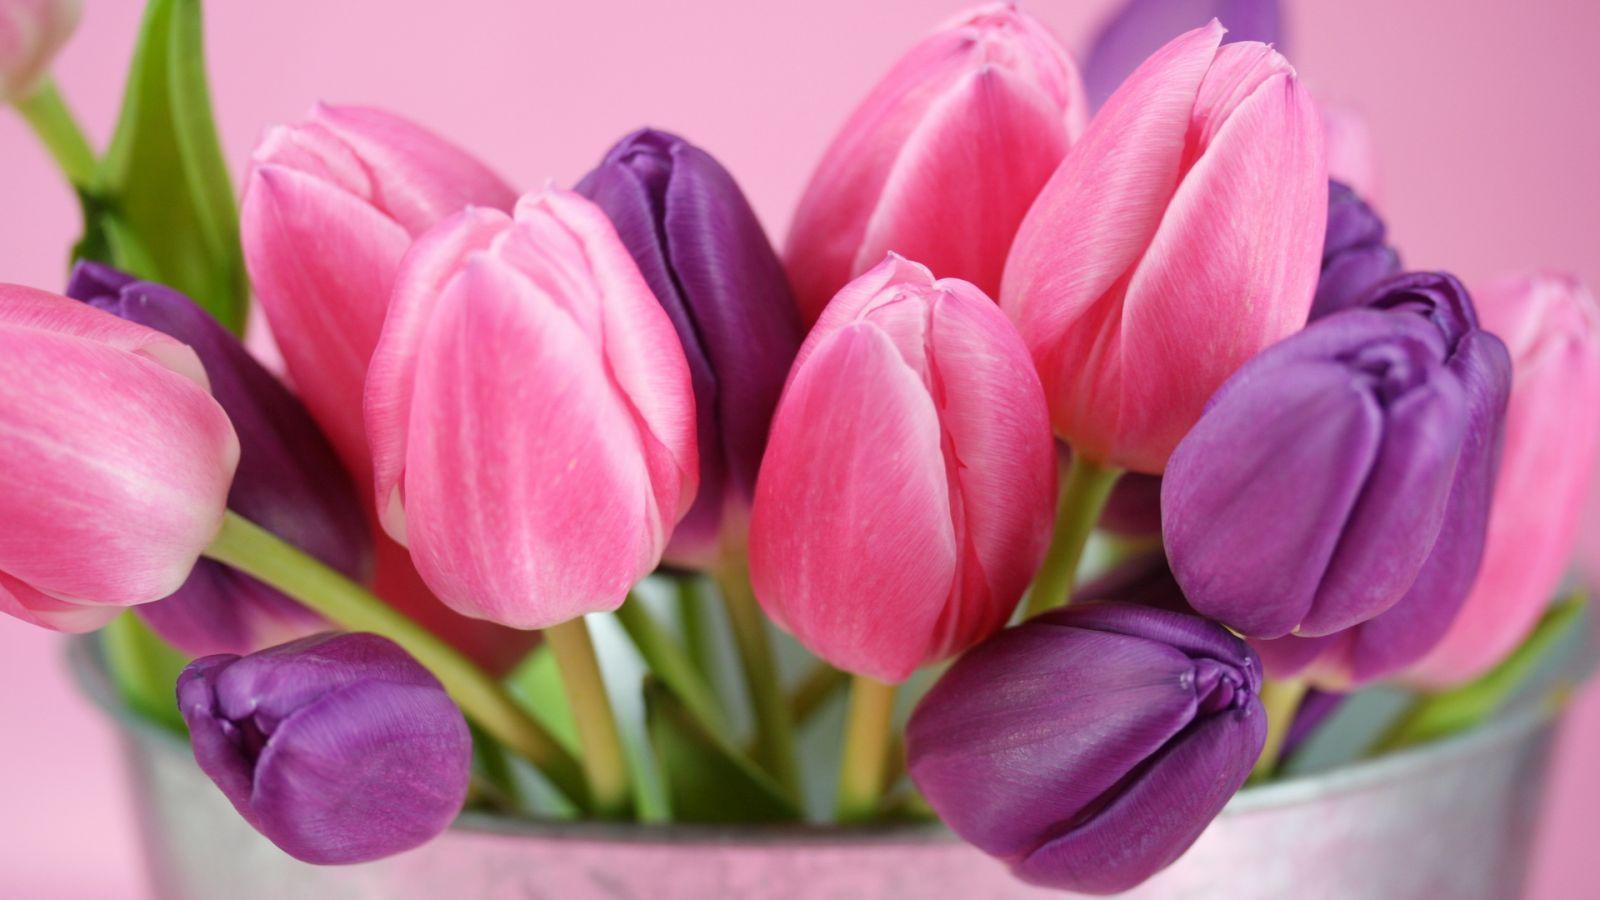 красивый букет тюльпанов